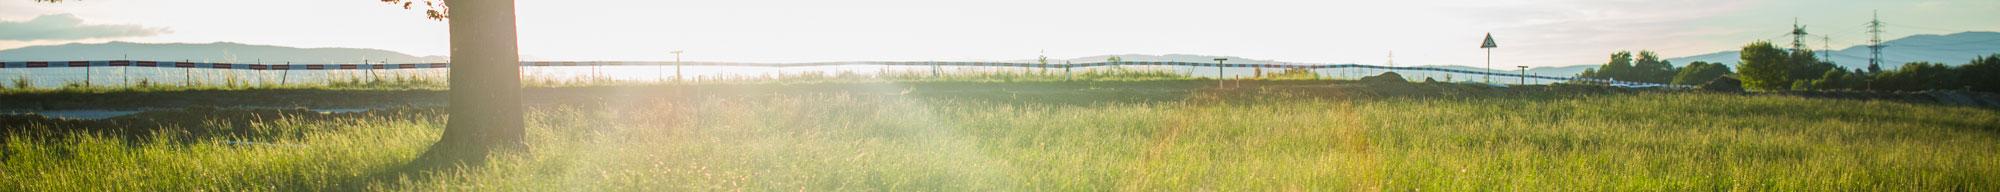 Summer banner image